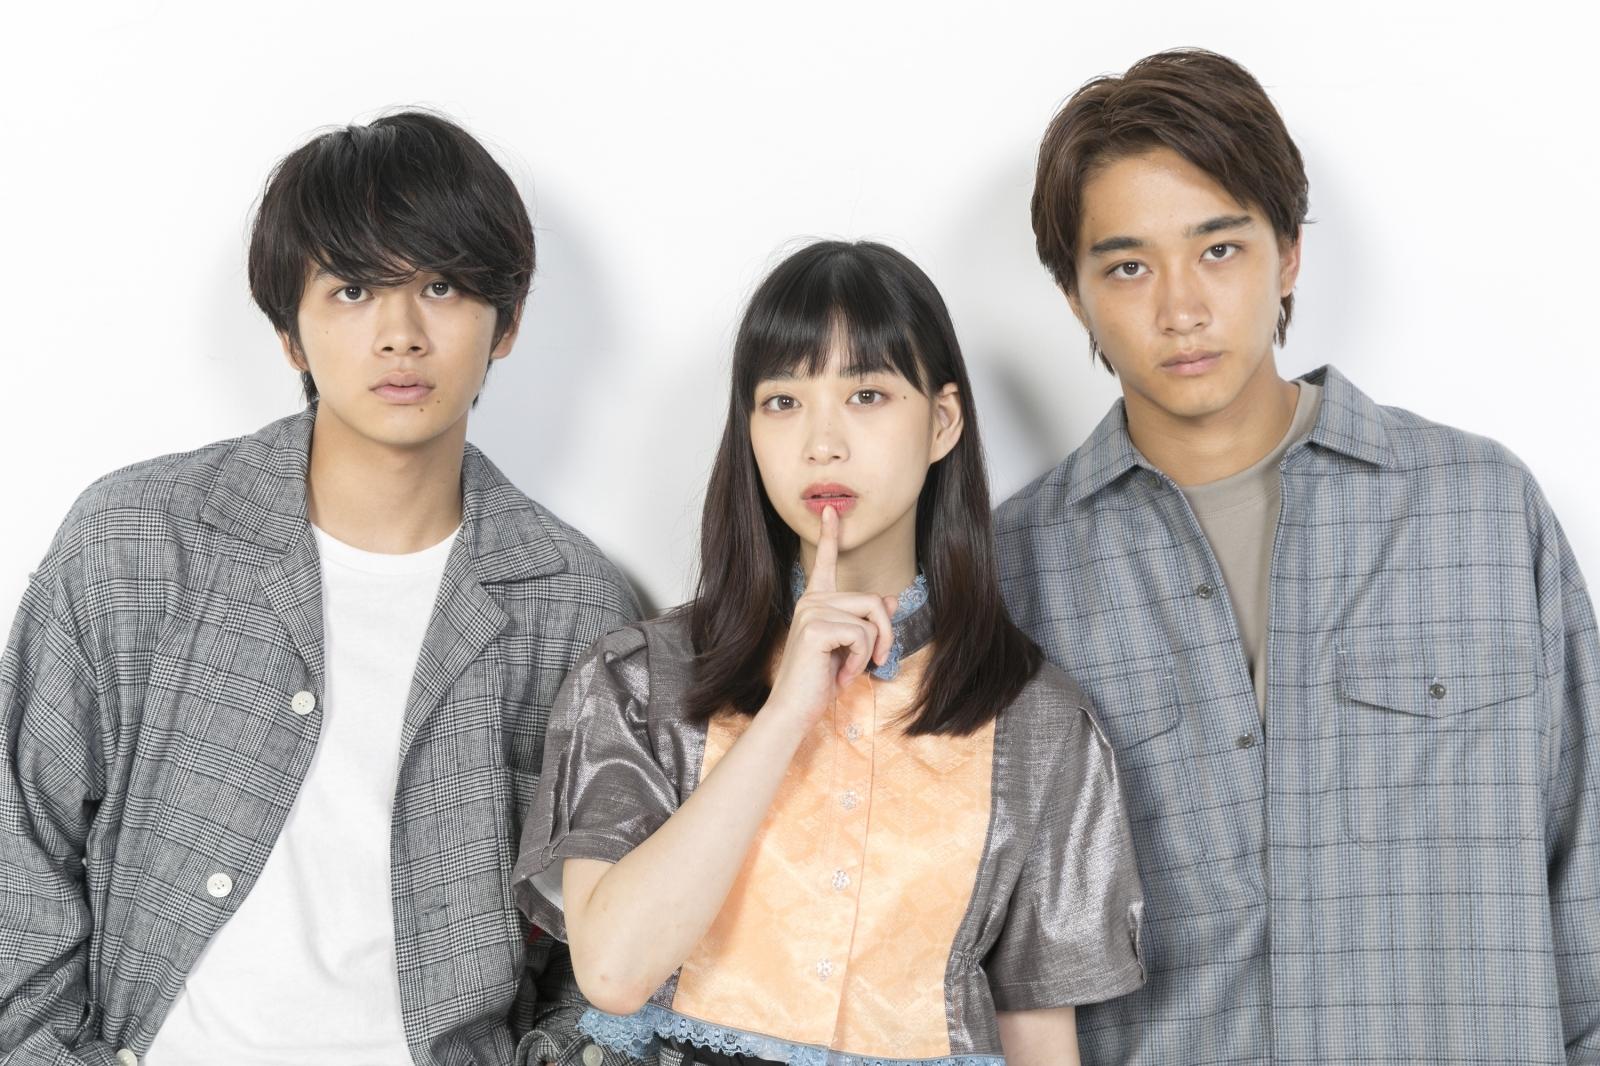 左から、北村匠海、森川葵、佐藤寛太 撮影=鈴木久美子